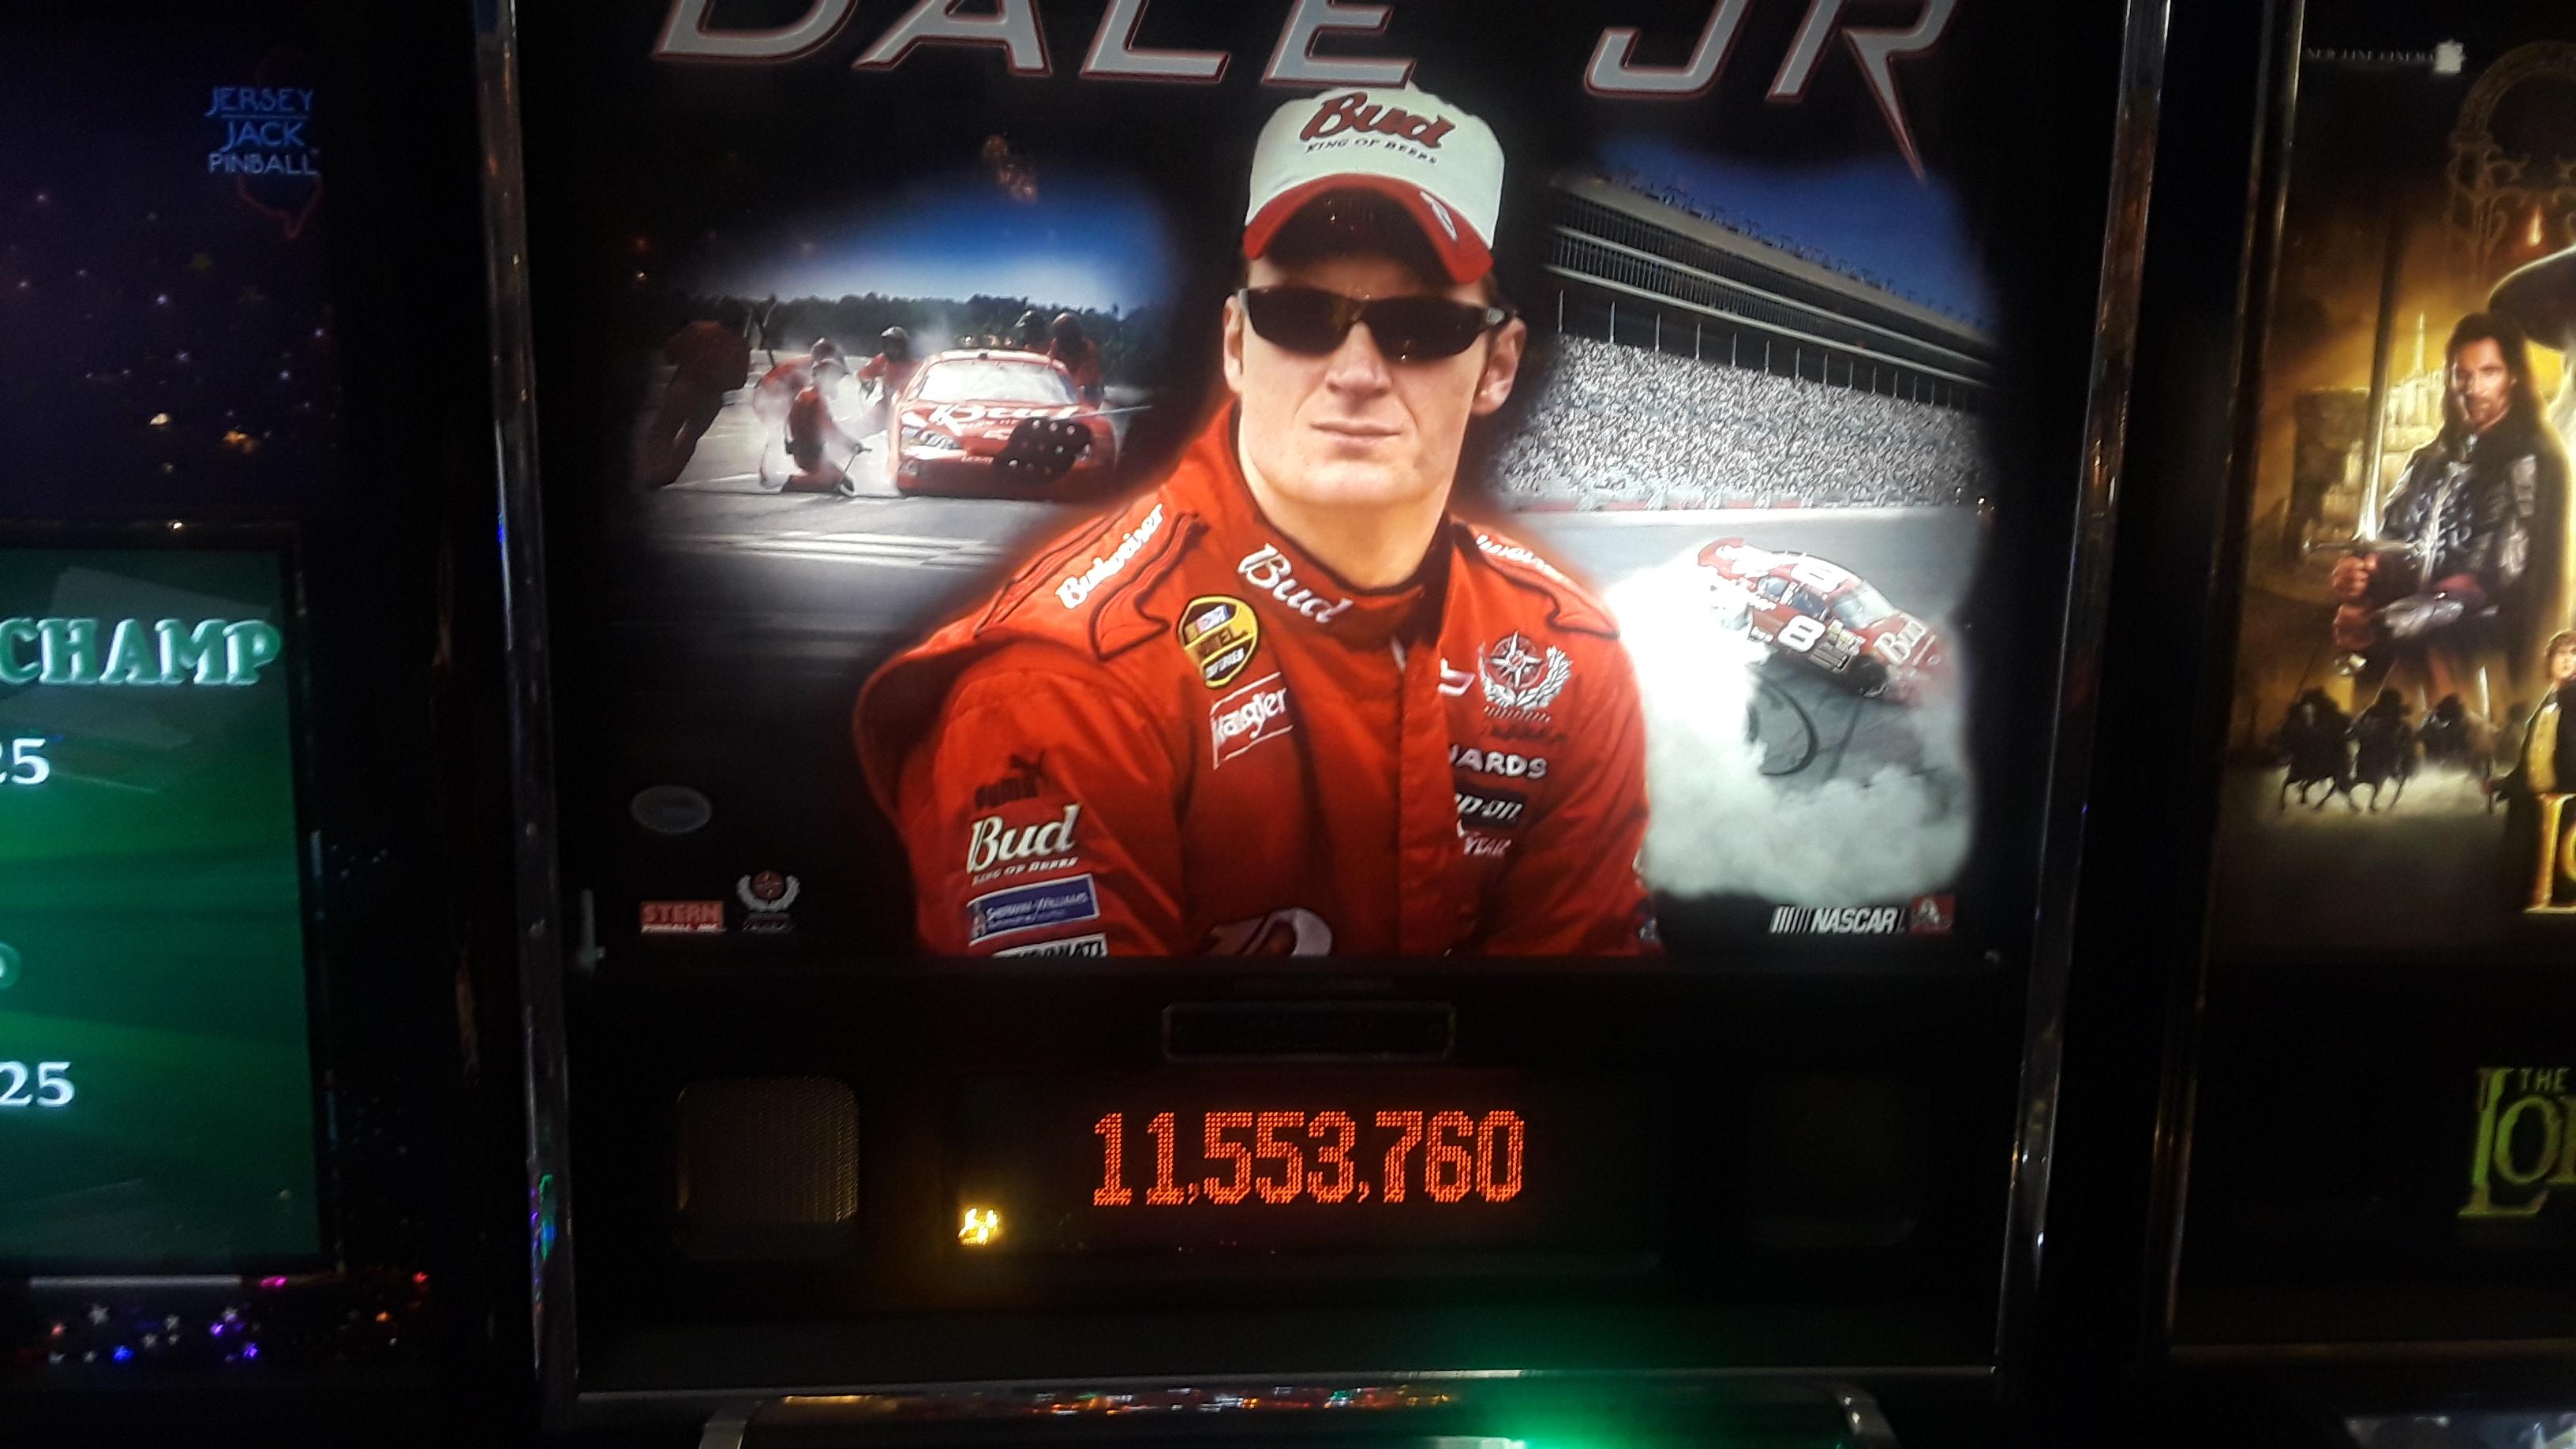 JML101582: Dale Jr. (Pinball: 3 Balls) 11,553,160 points on 2019-11-23 19:39:45